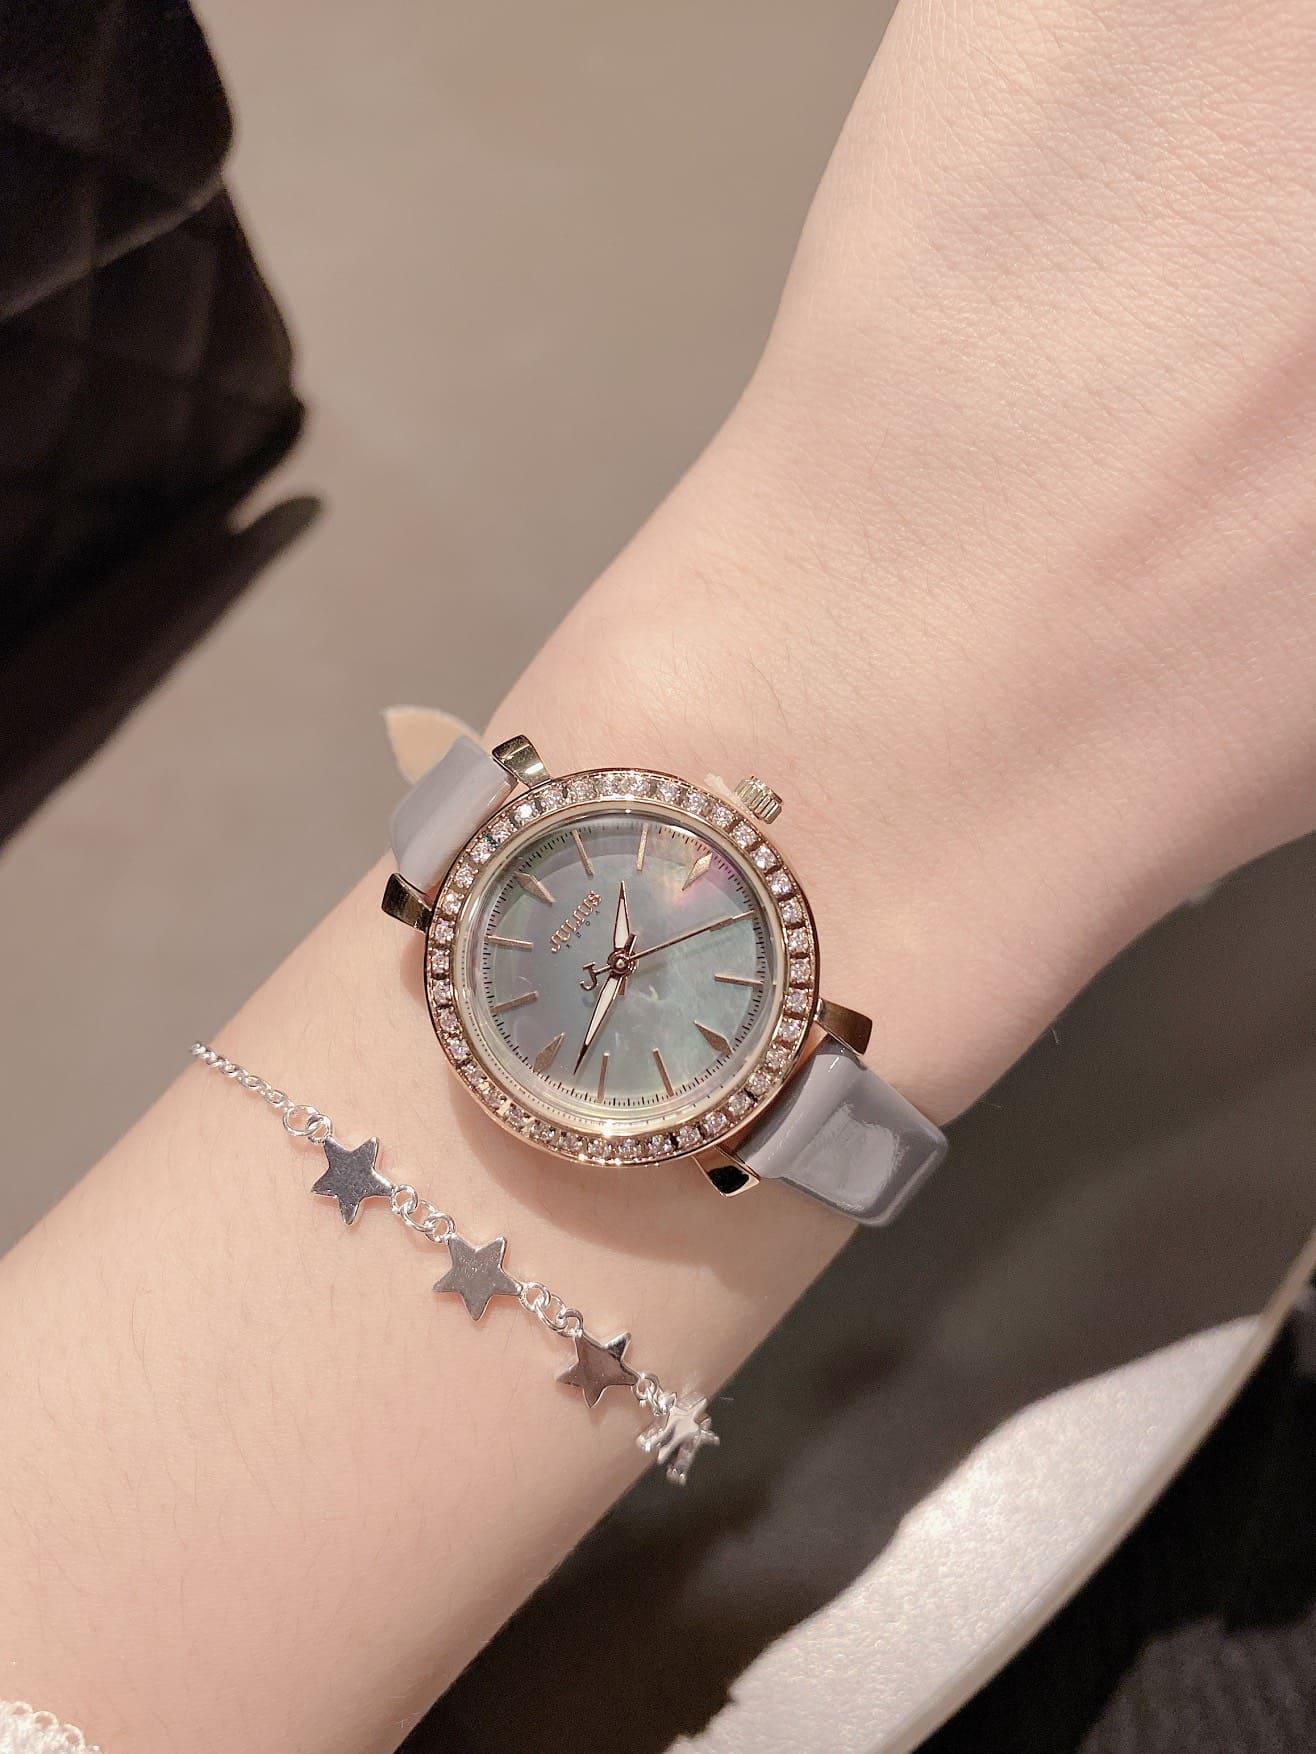 Đồng hồ hãng Julius